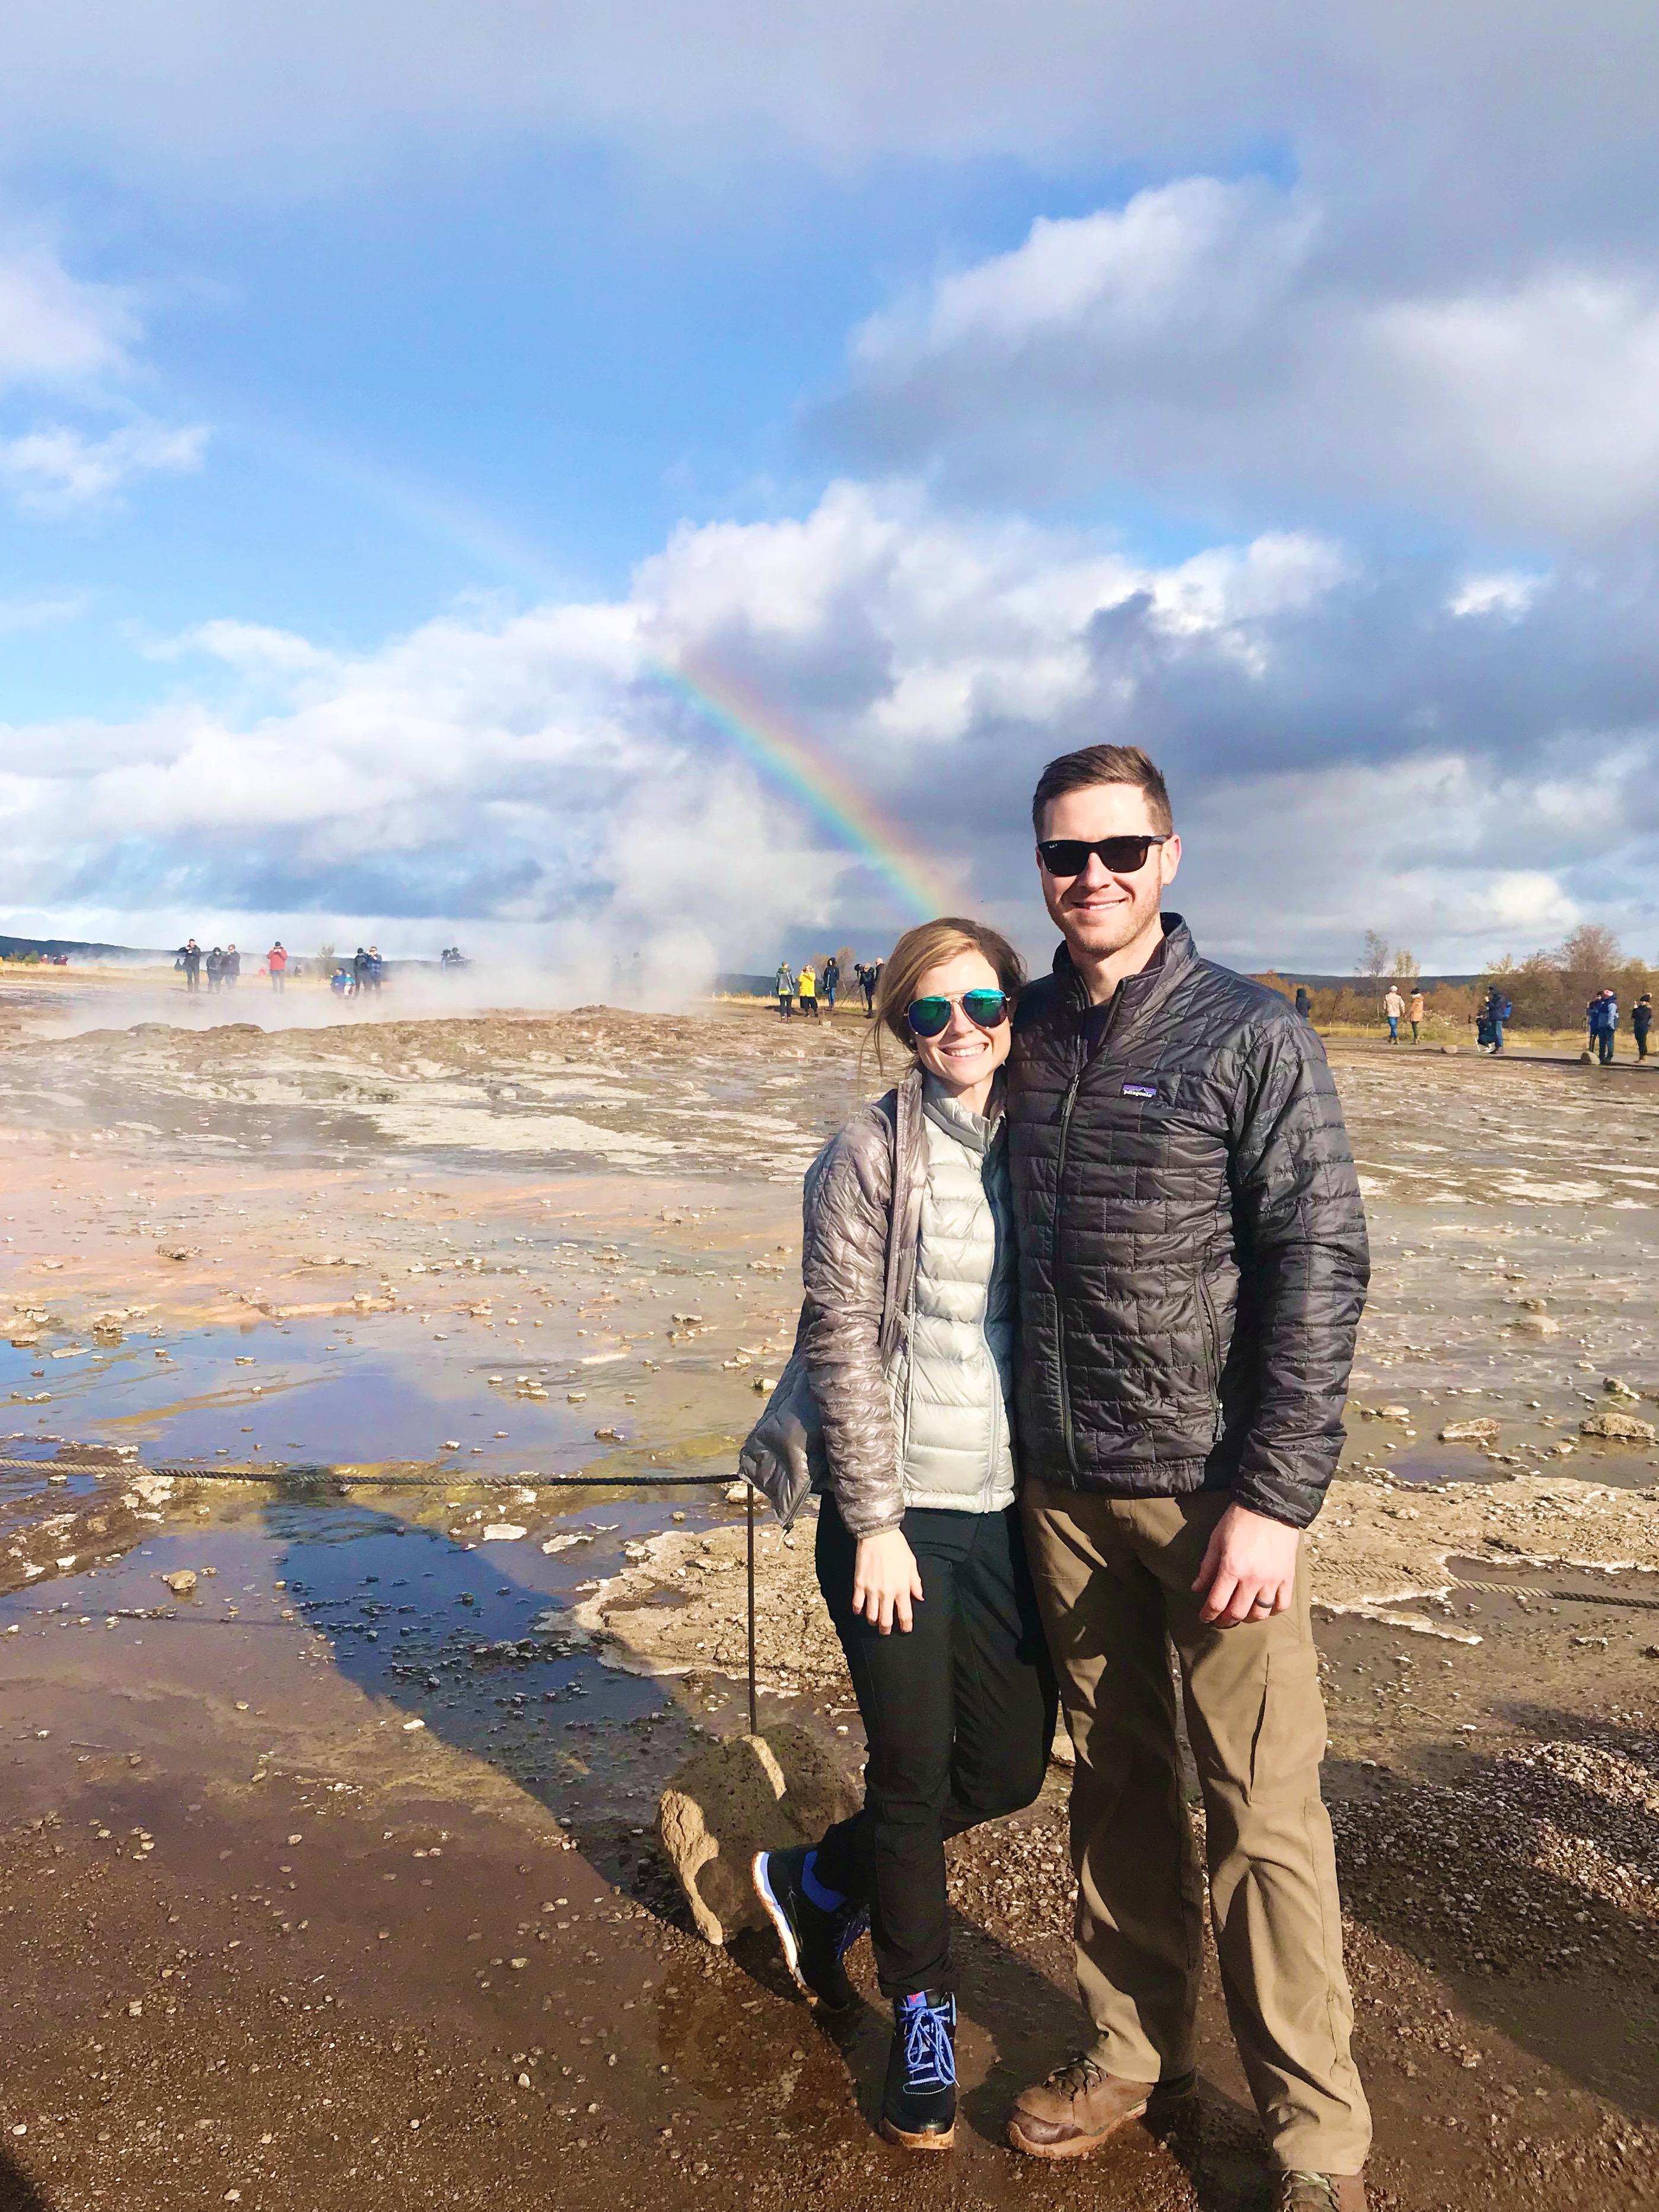 3 Days In Reykjavik - Reykjavik Iceland - Things To Do In Reykjavik - Reykjavik Shopping - Reykjavik Restaurants - Reykjavik Travel - Reykjavik Hotels - Reykjavik Itinerary - Golden Circle Tour - Reykjavik Waterfalls - Iceland Tours - Iceland Travel - Iceland Itinerary - Iceland Travel Blog - #travel #iceland #reykjavik